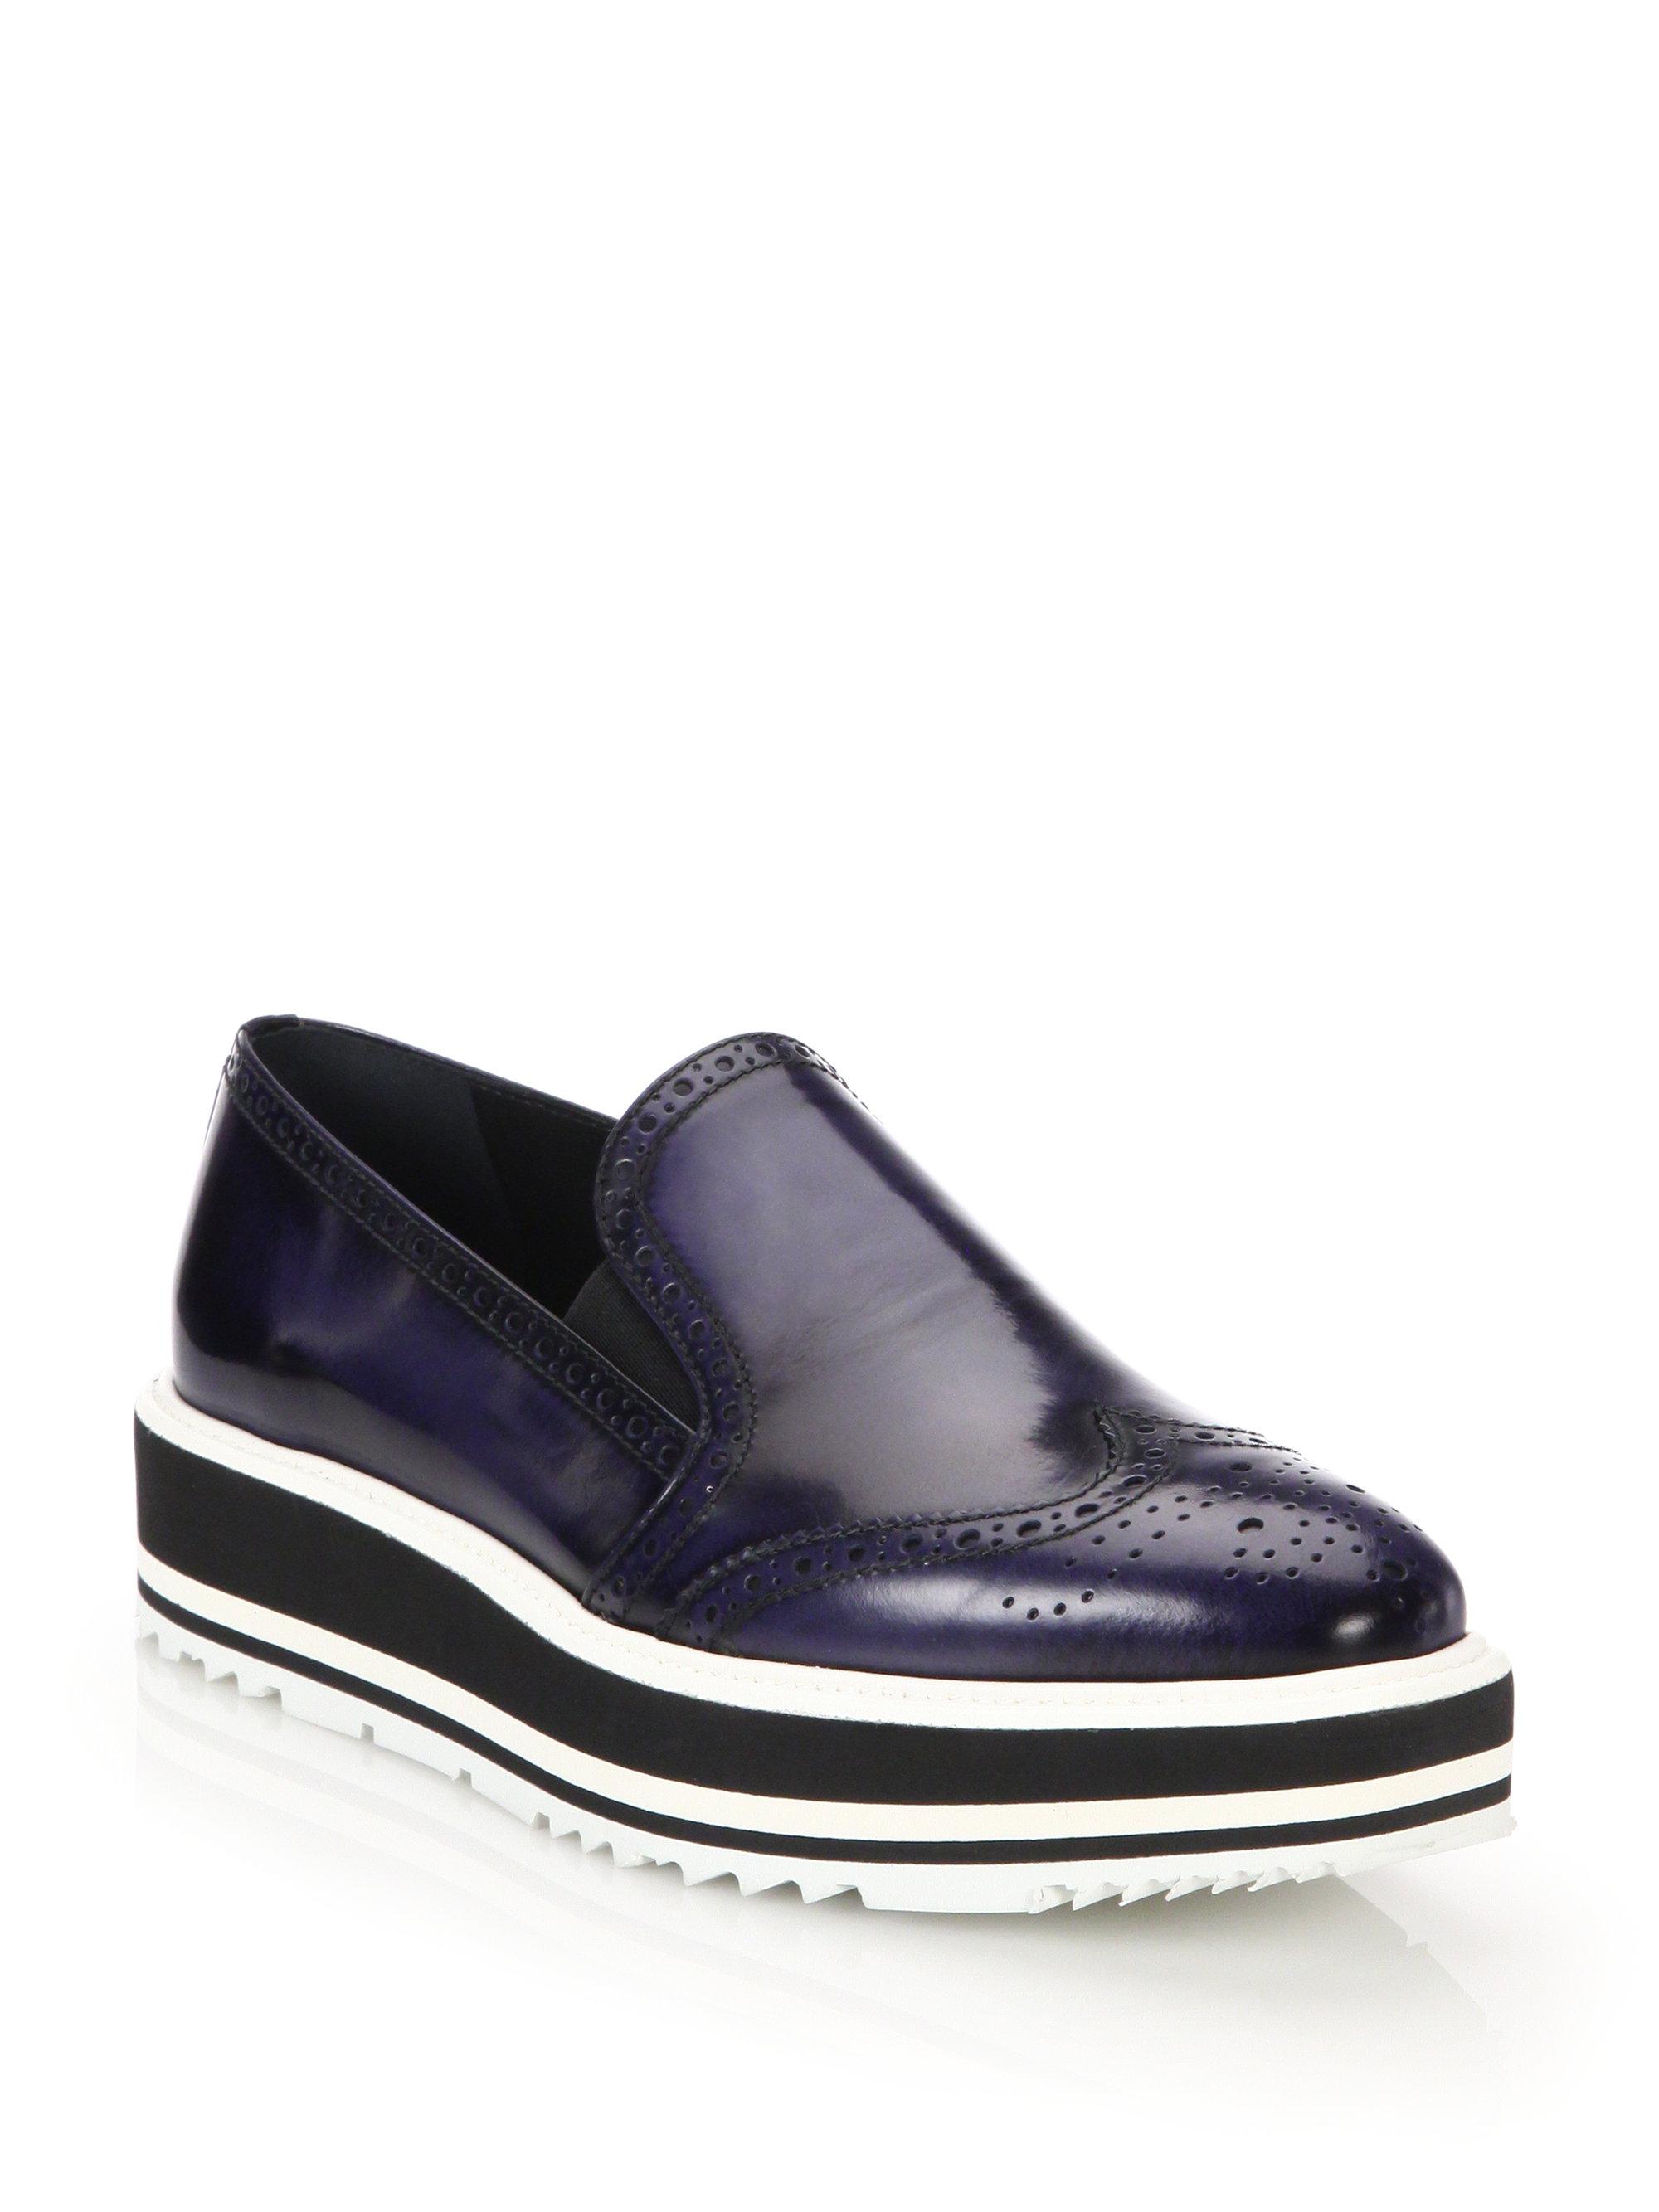 Lyst Prada Spazzolato Microsole Loafers In Black